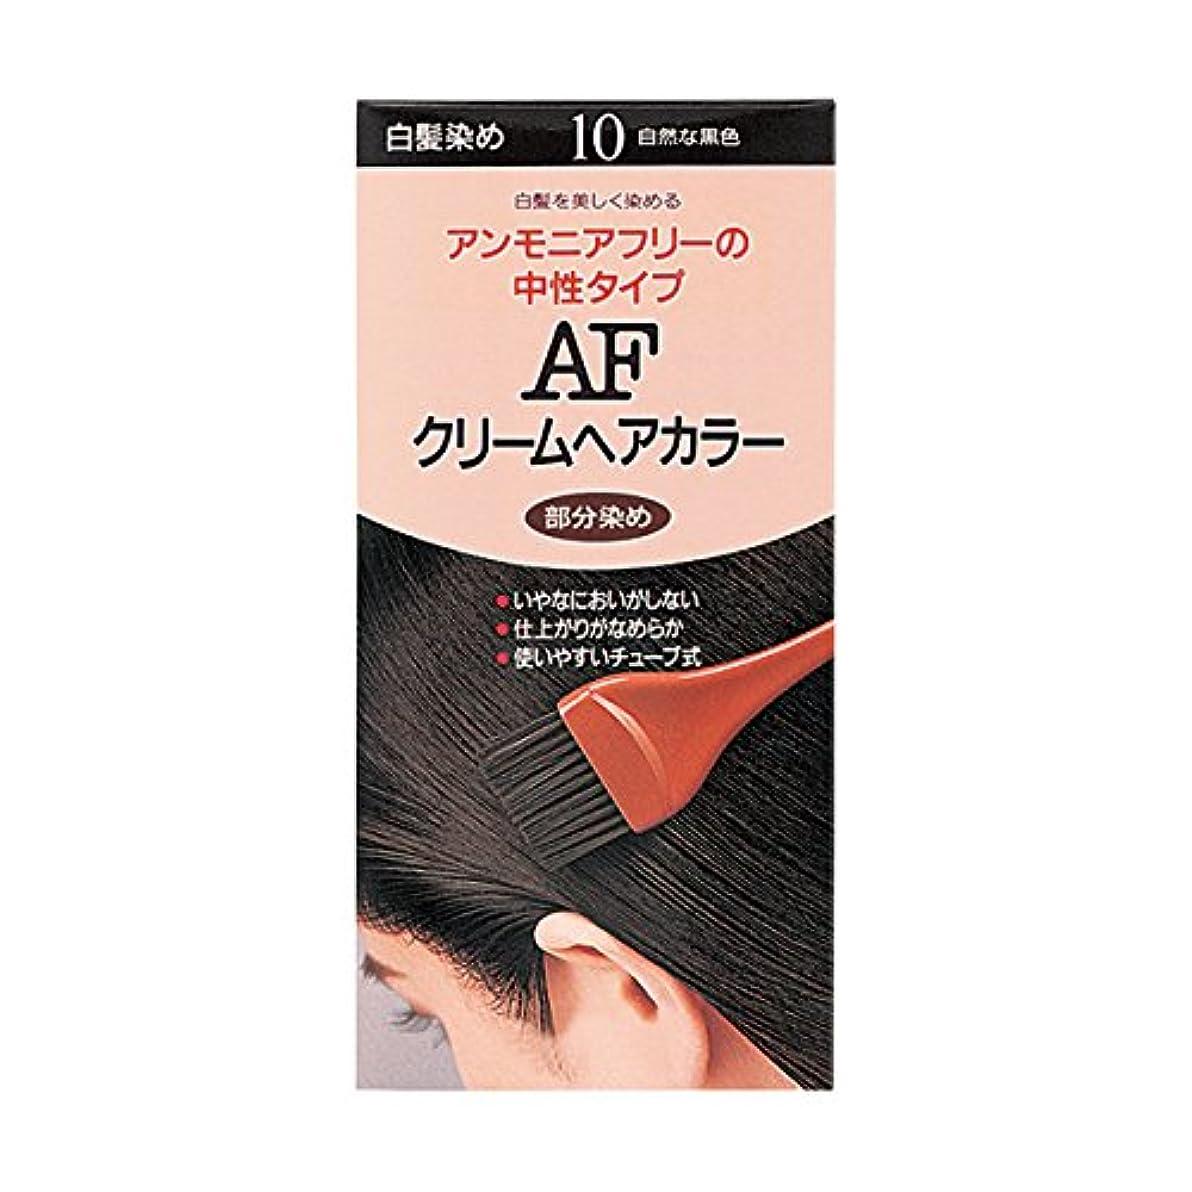 感じ変数変数ヘアカラー AFクリームヘアカラー 10 【医薬部外品】